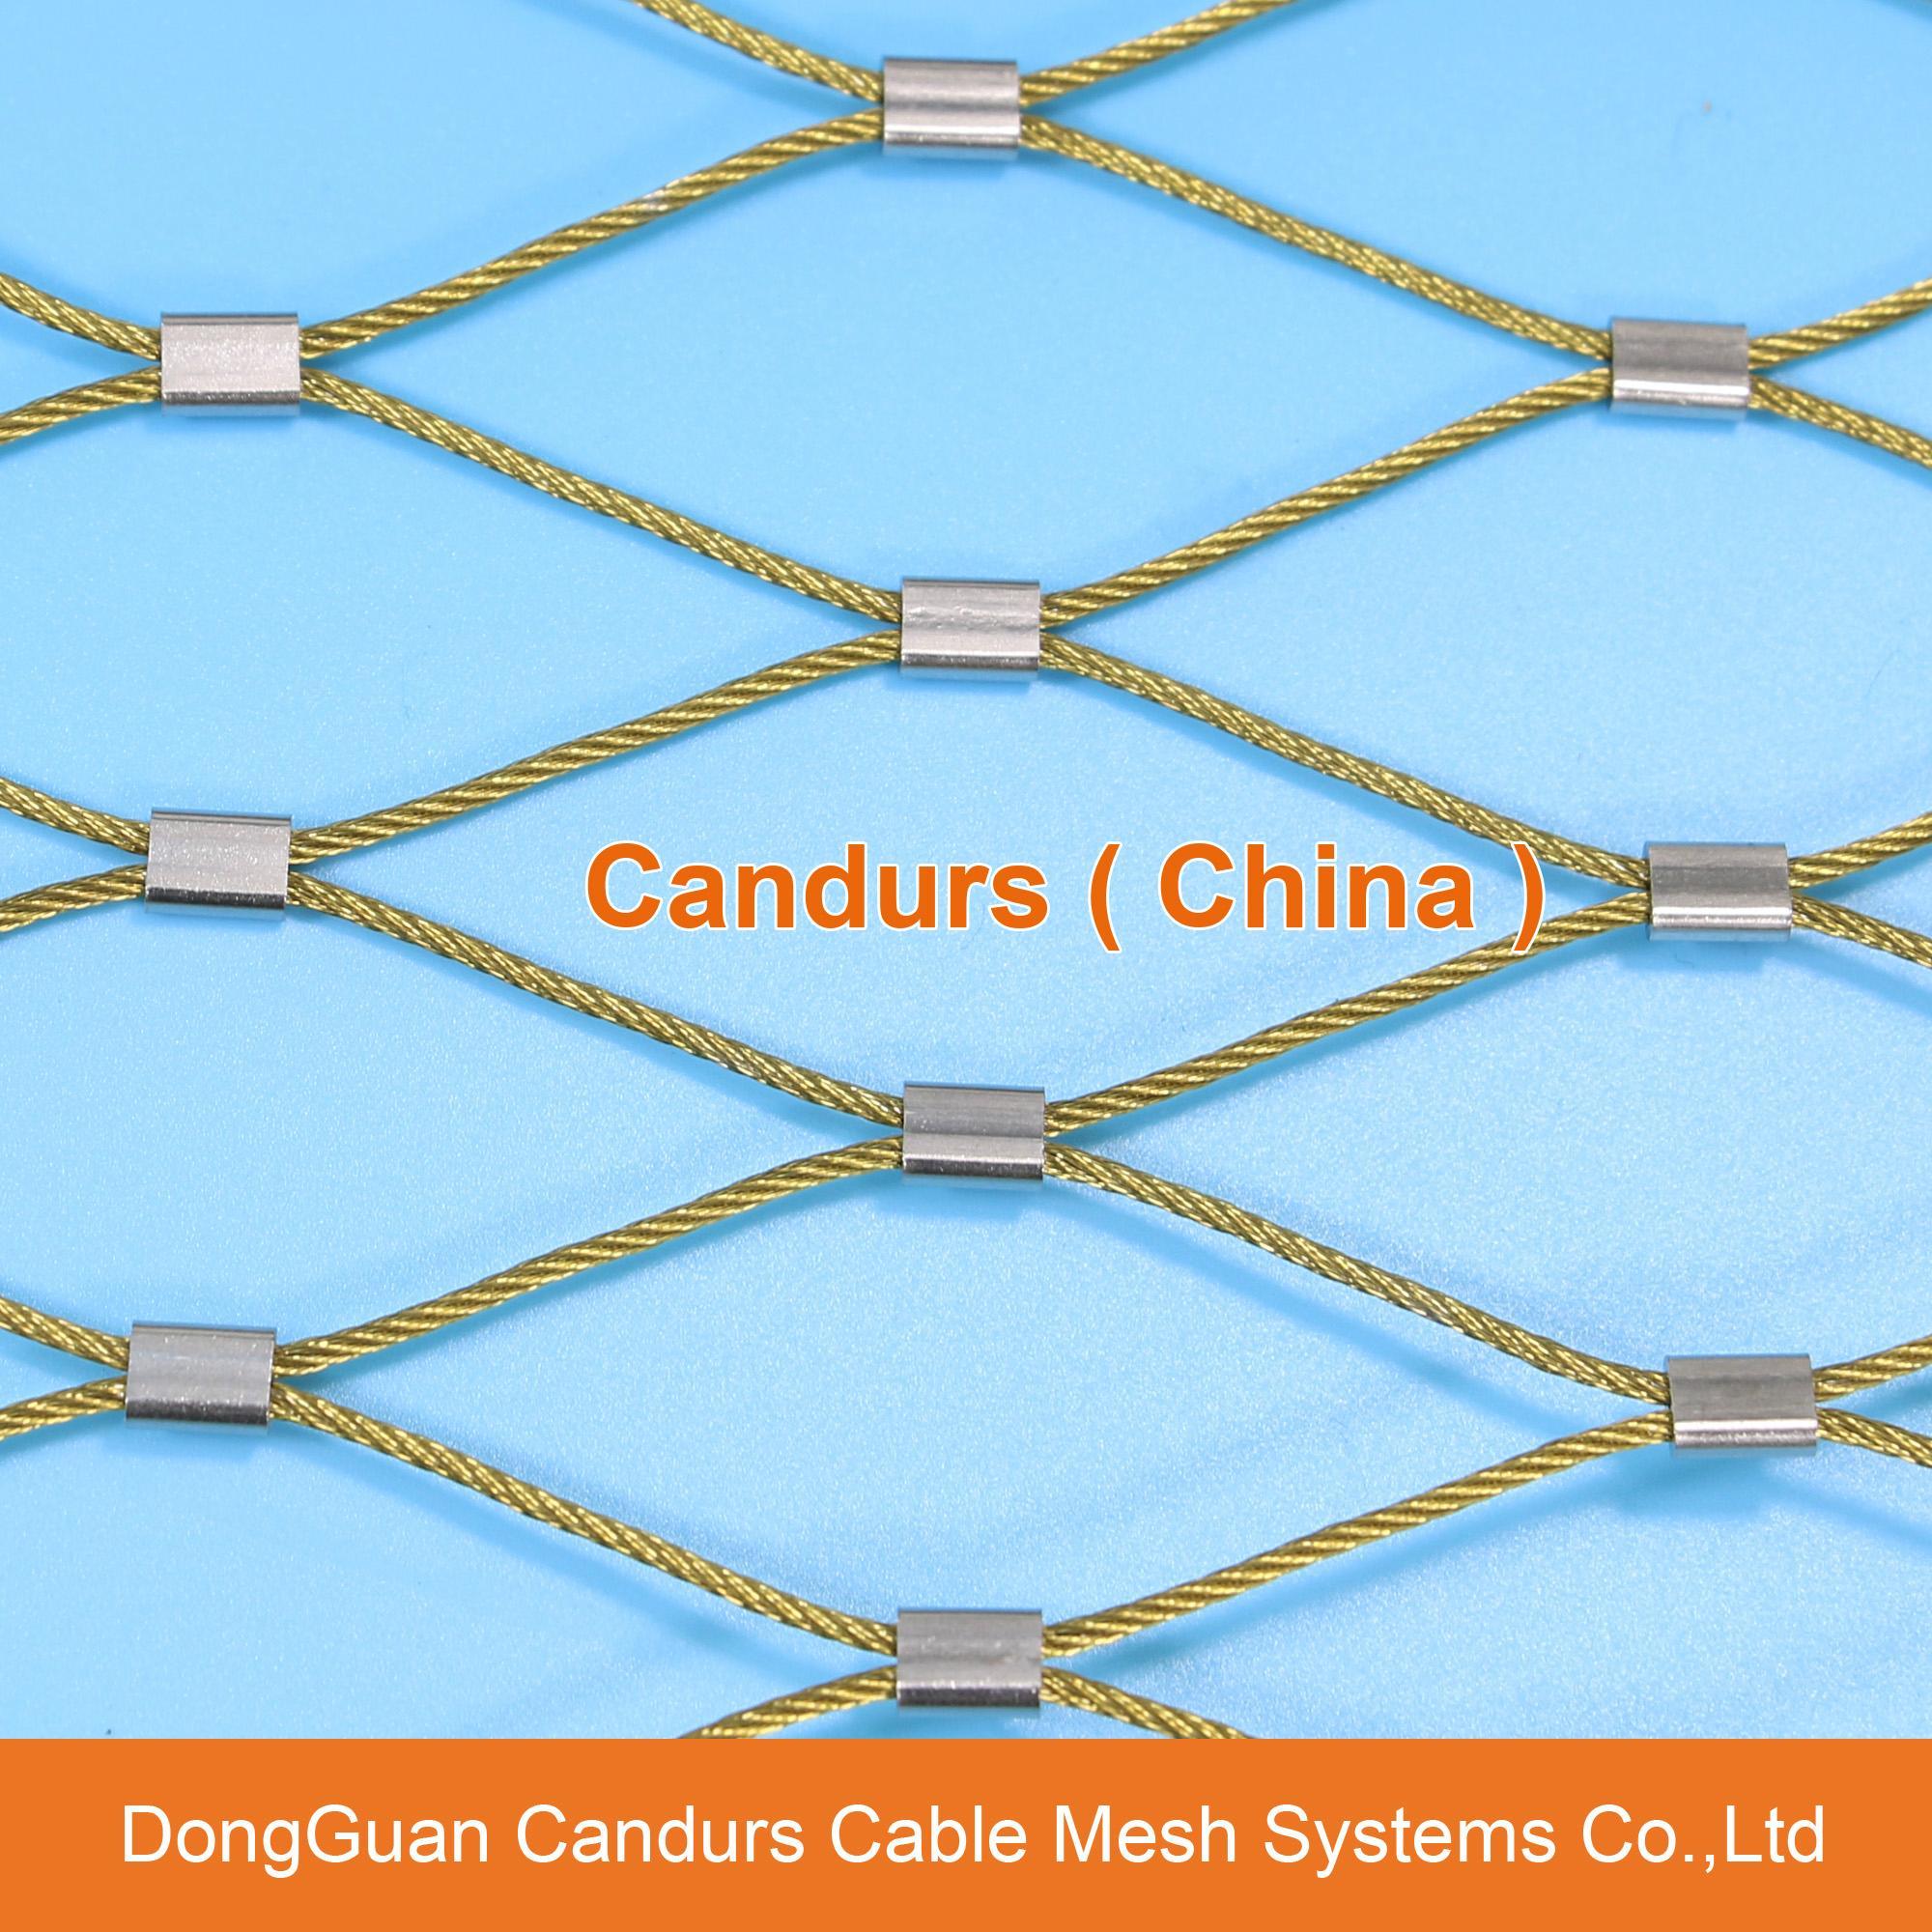 动物园用的不锈钢丝绳网 2